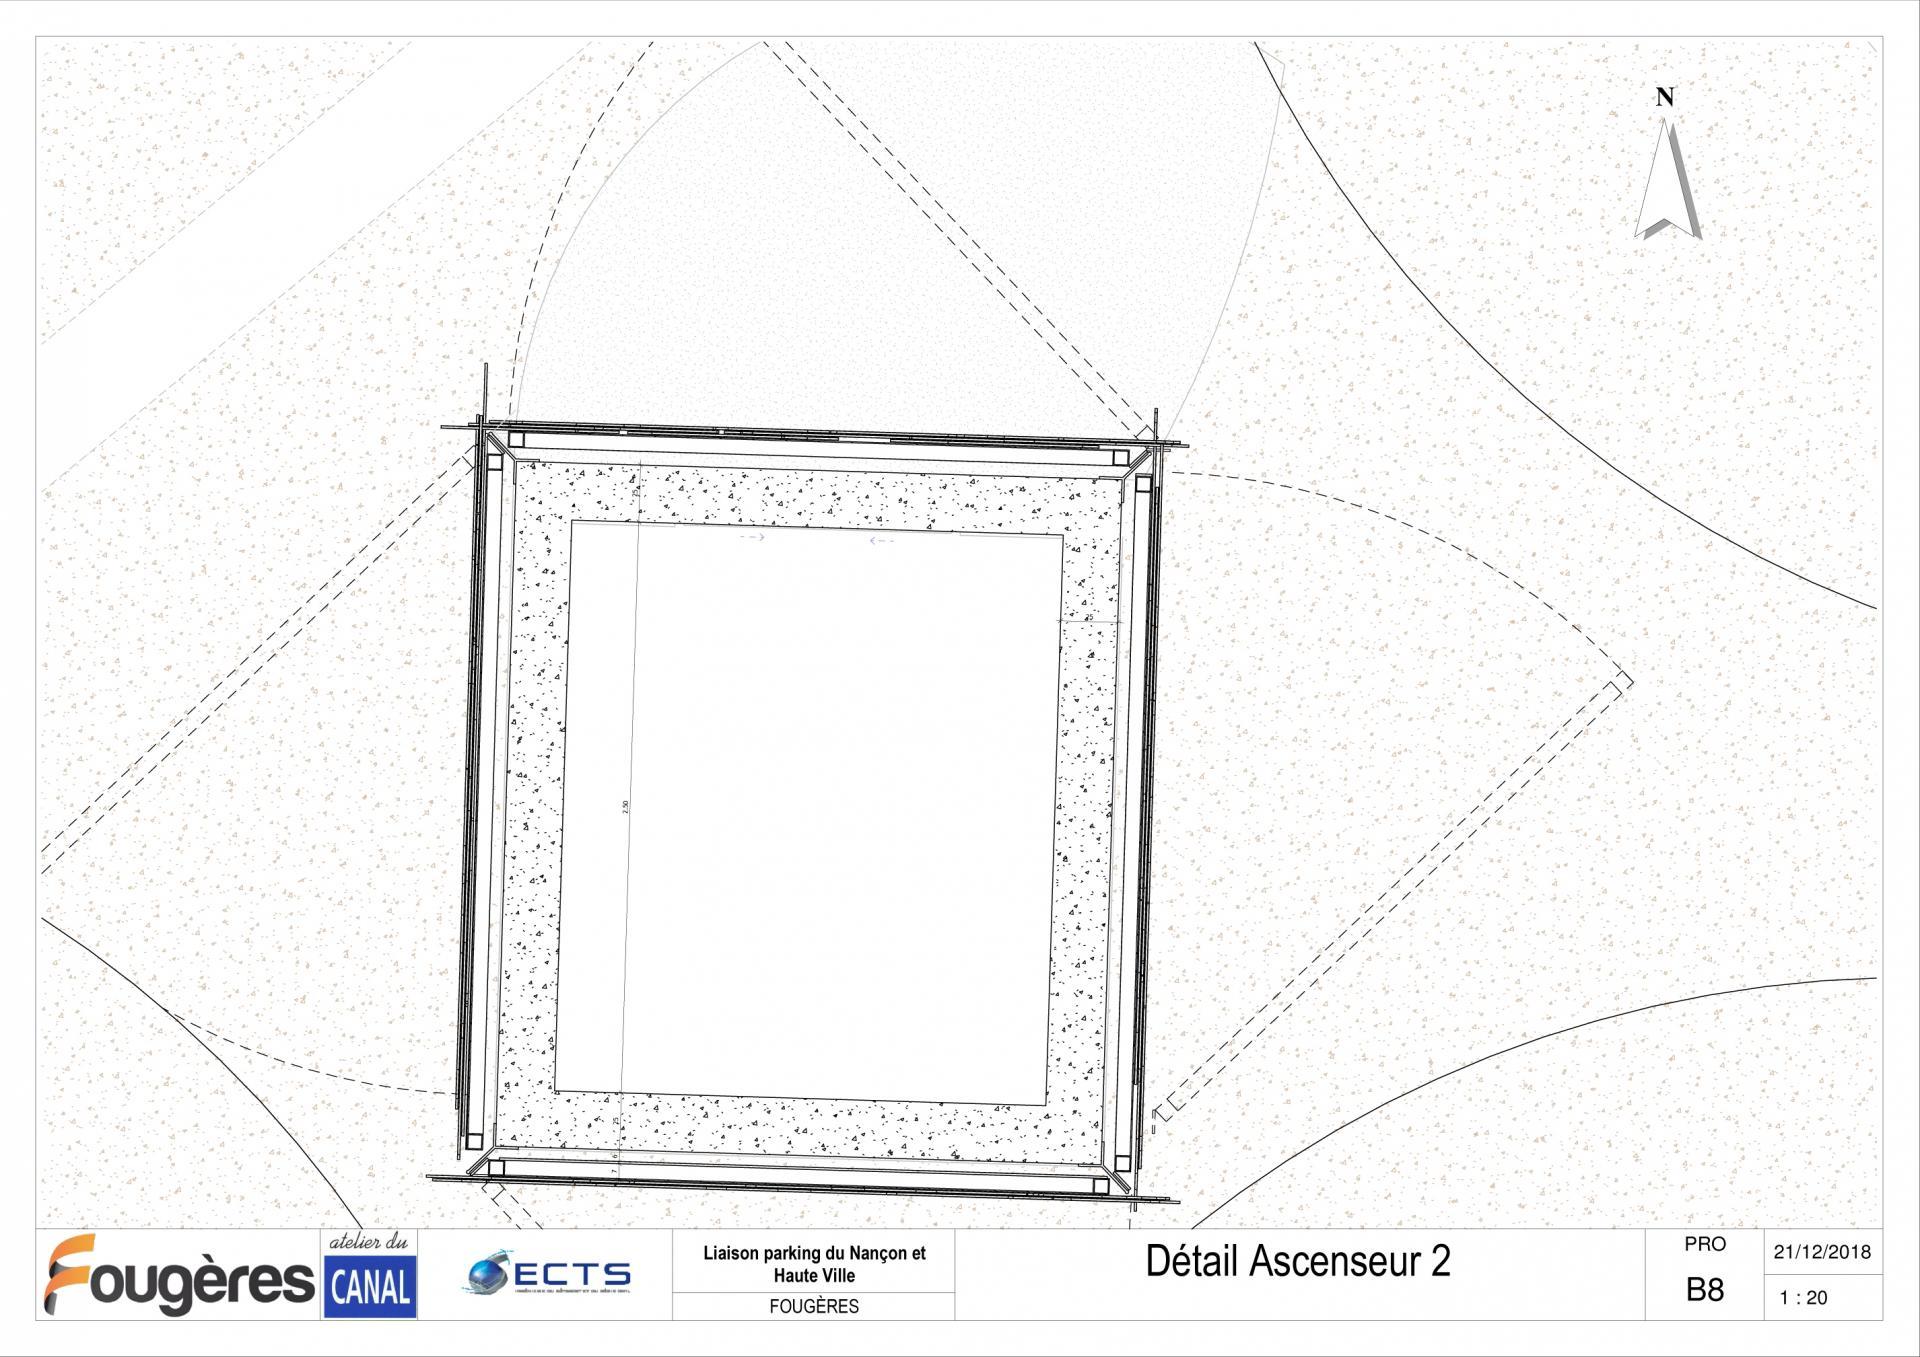 Adc fop pro b8 detail ascenseur 2